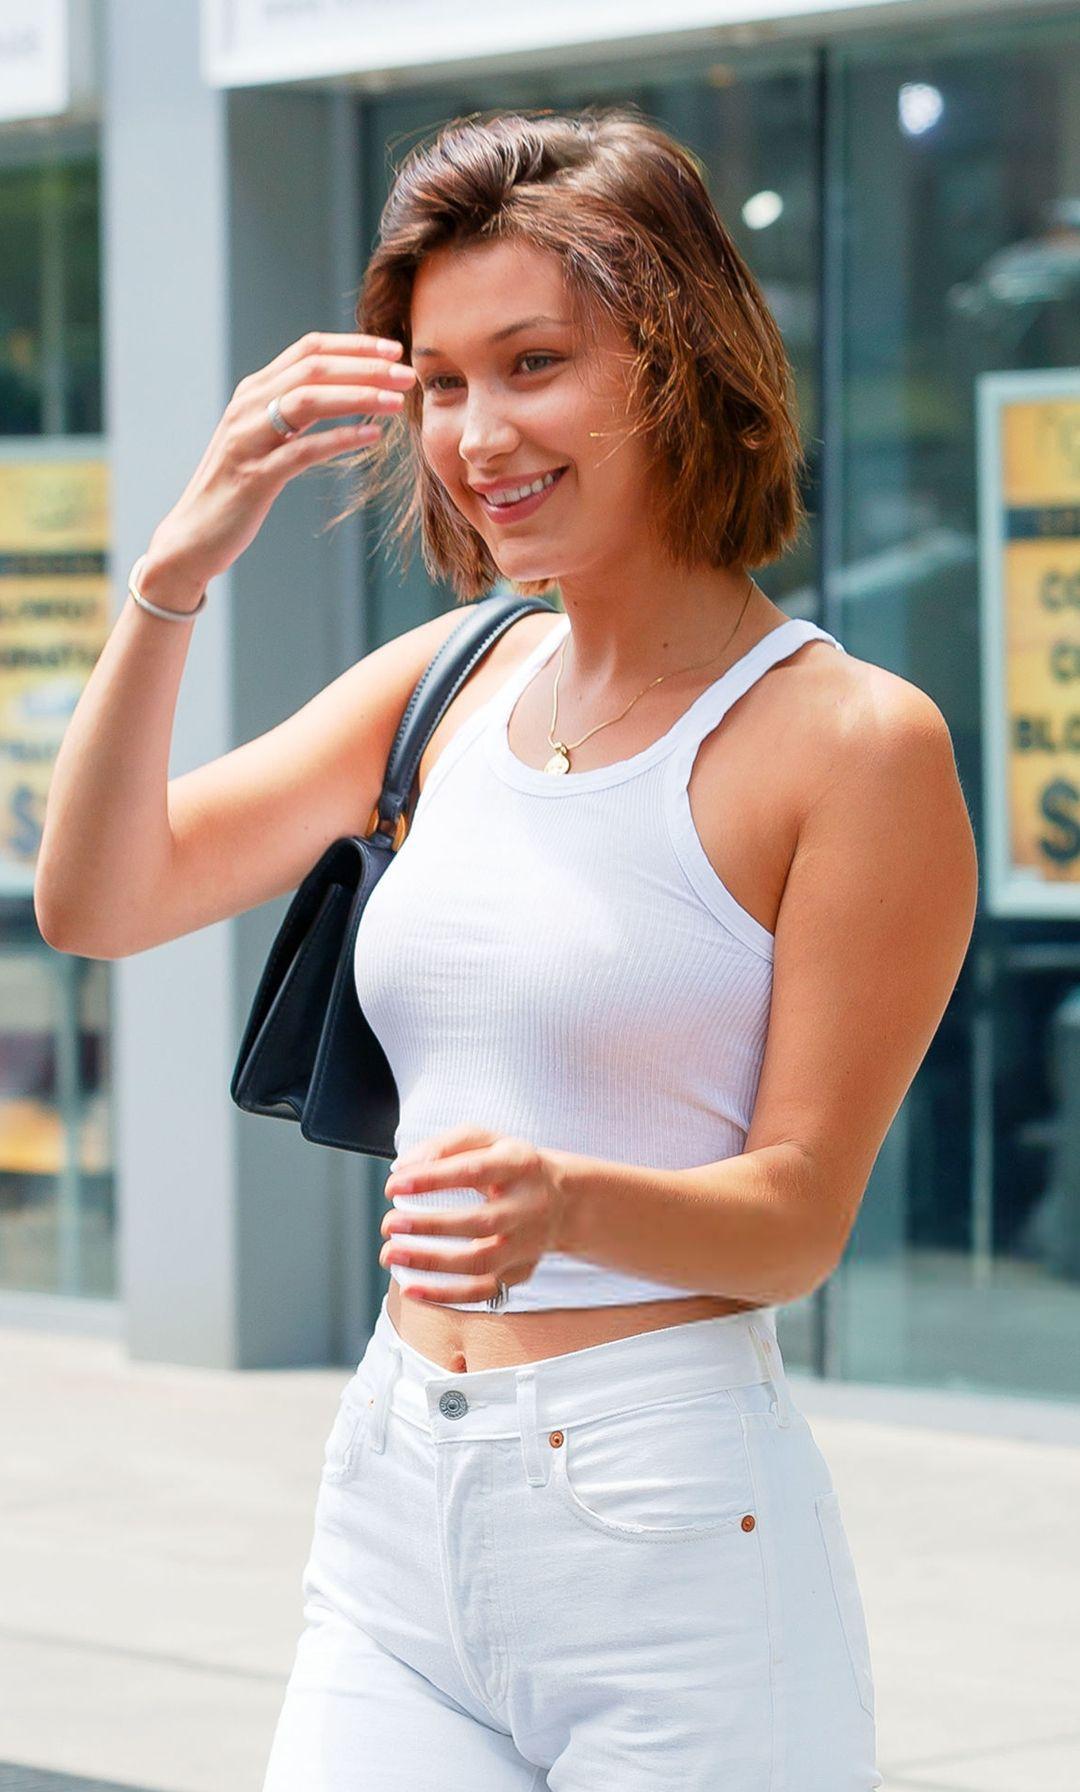 贝拉无愧世界最好超模之一,穿白色牛仔裤既高挑又不失风韵